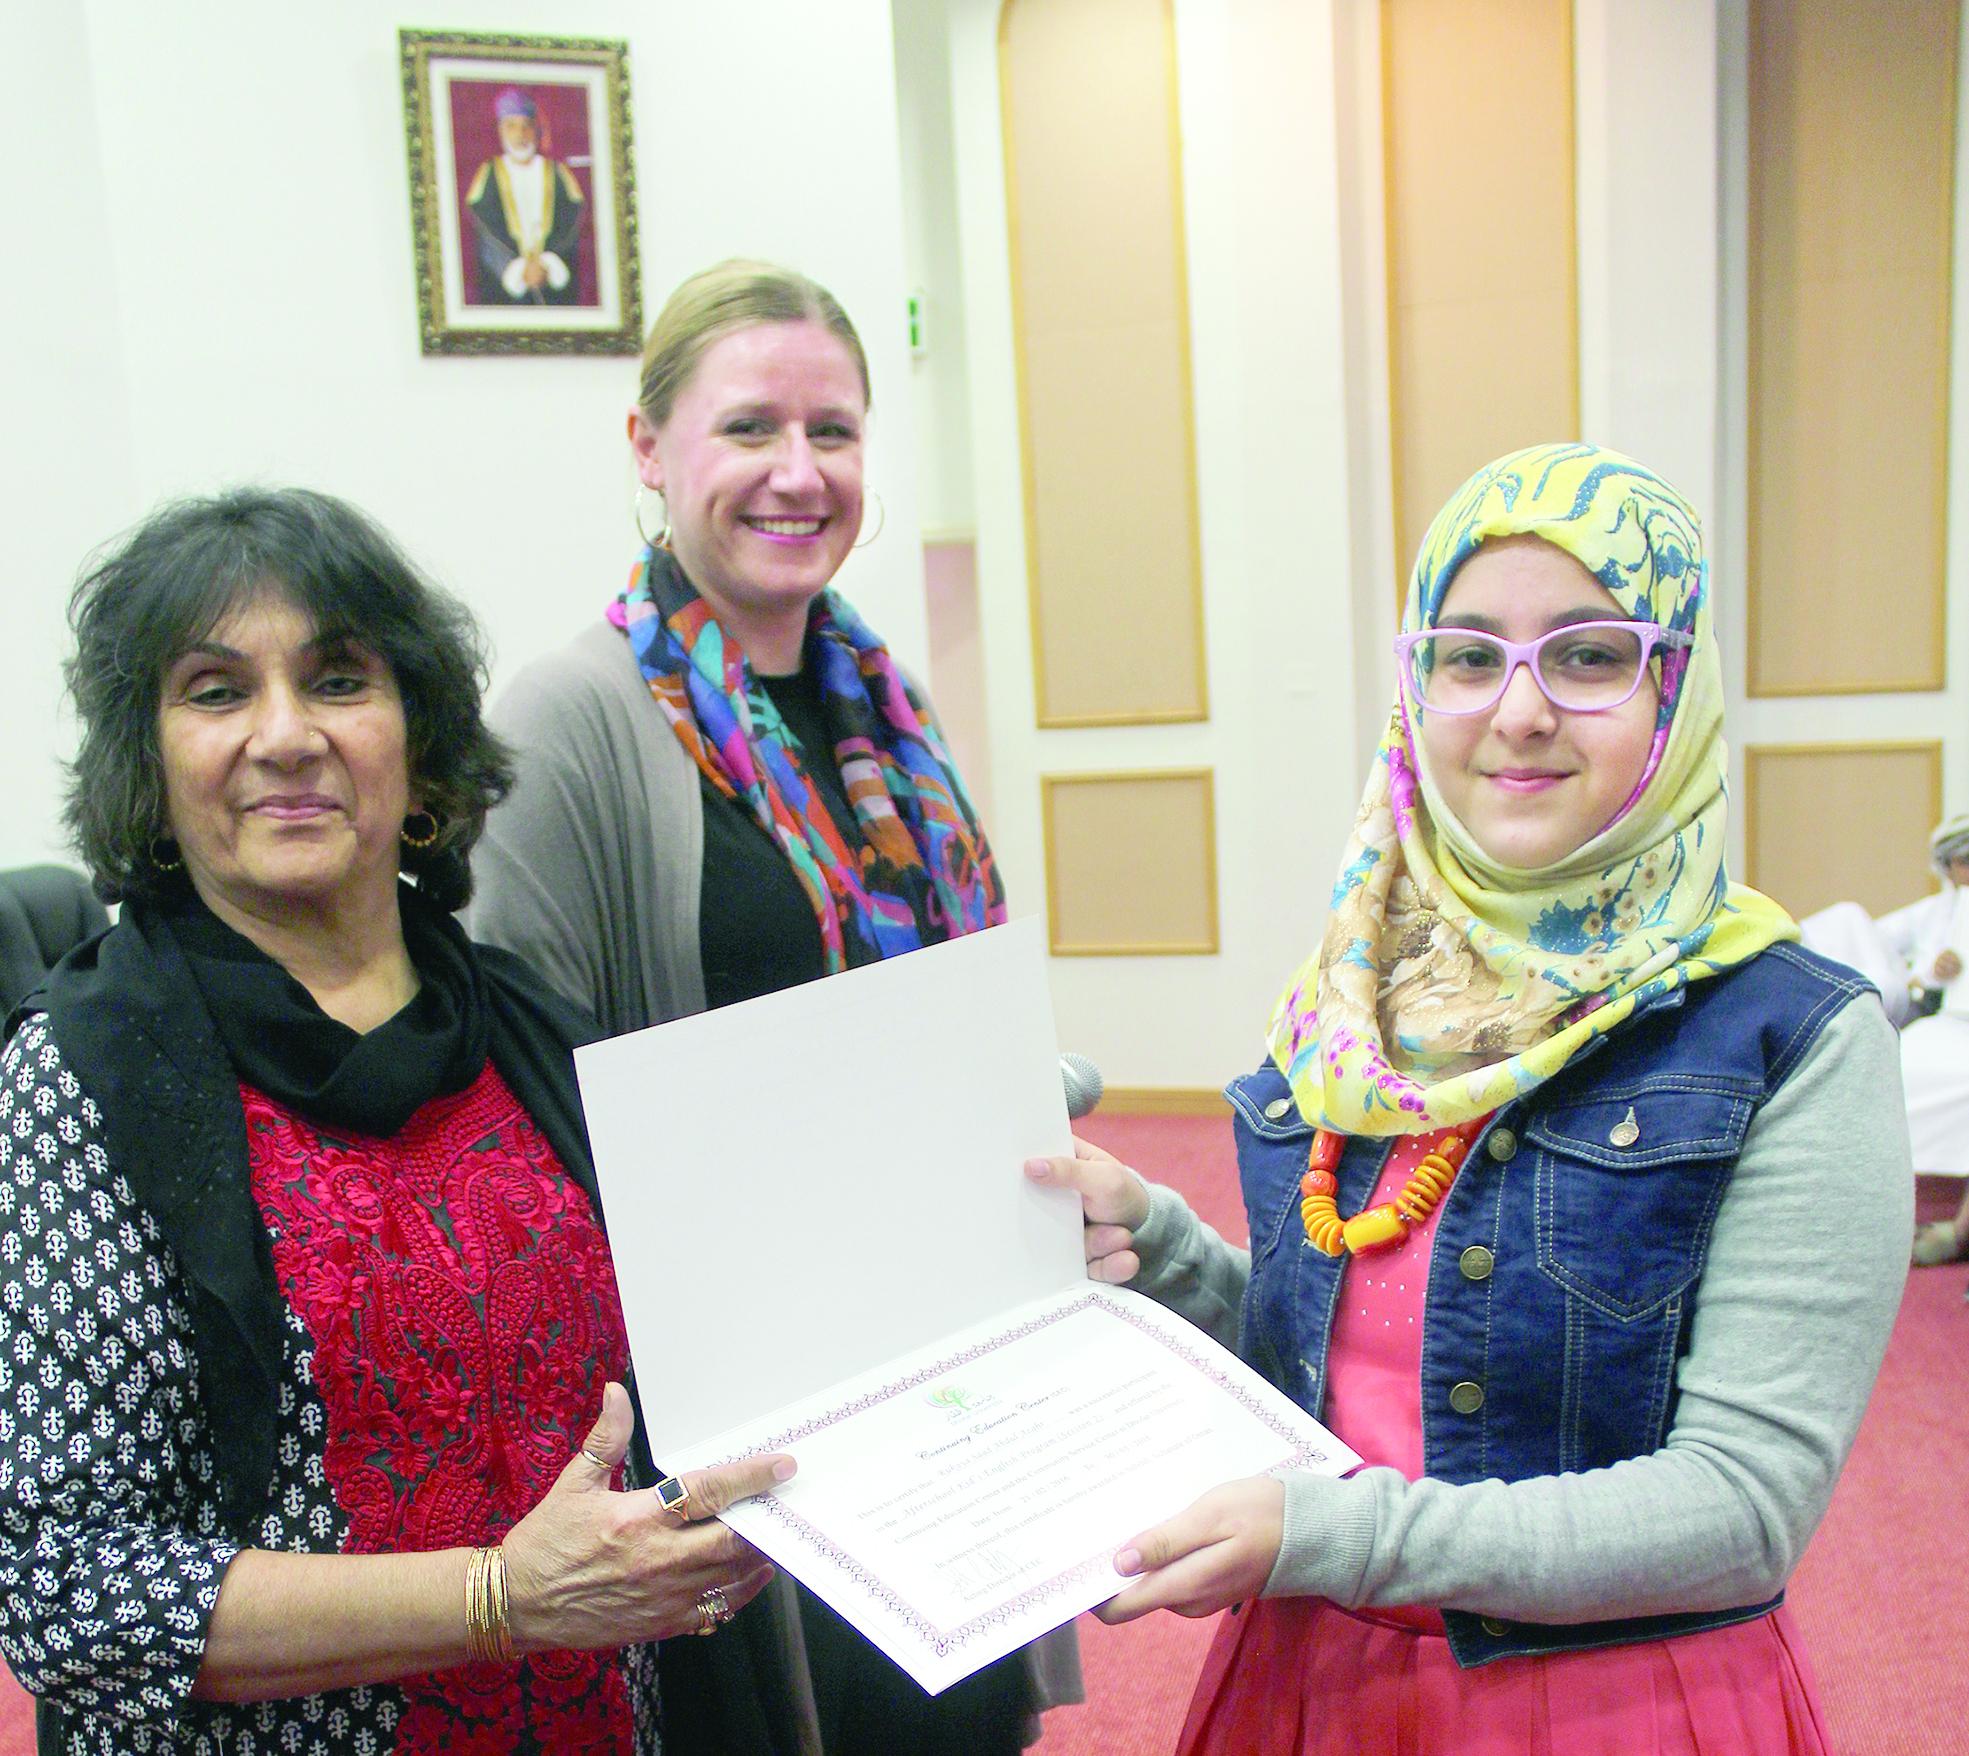 جامعة ظفار  تقدم اللغة الانجليزية لطلبة المحافظة